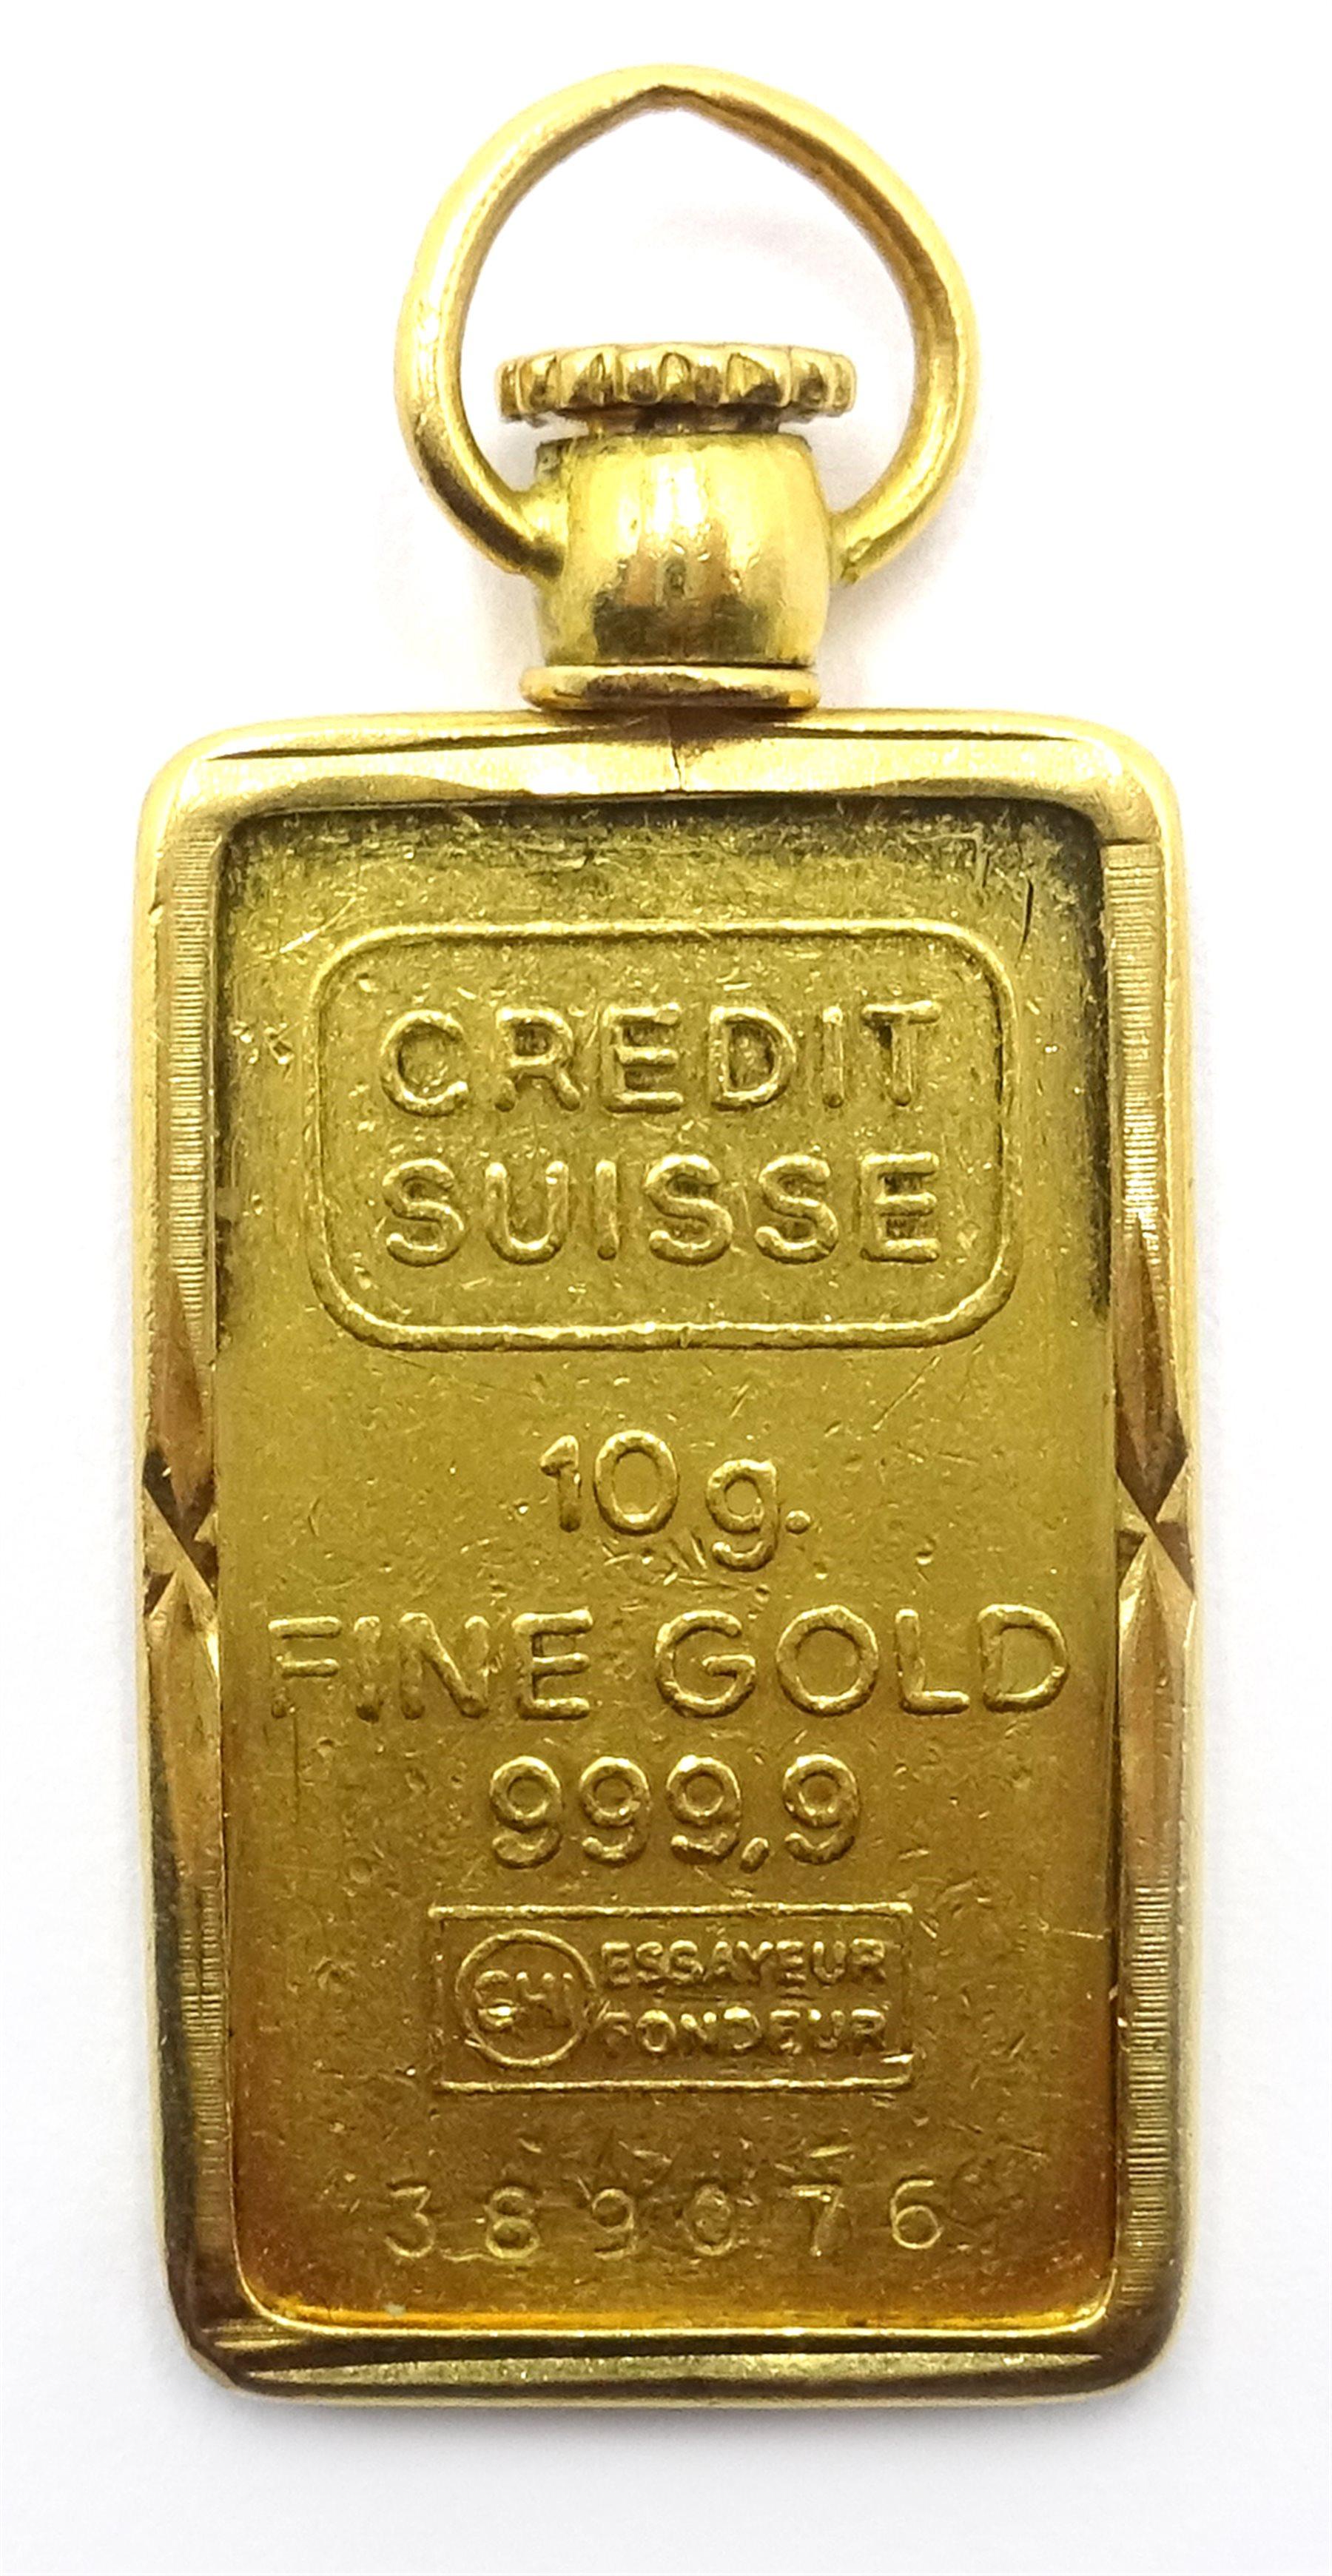 10g schweitz gold coin